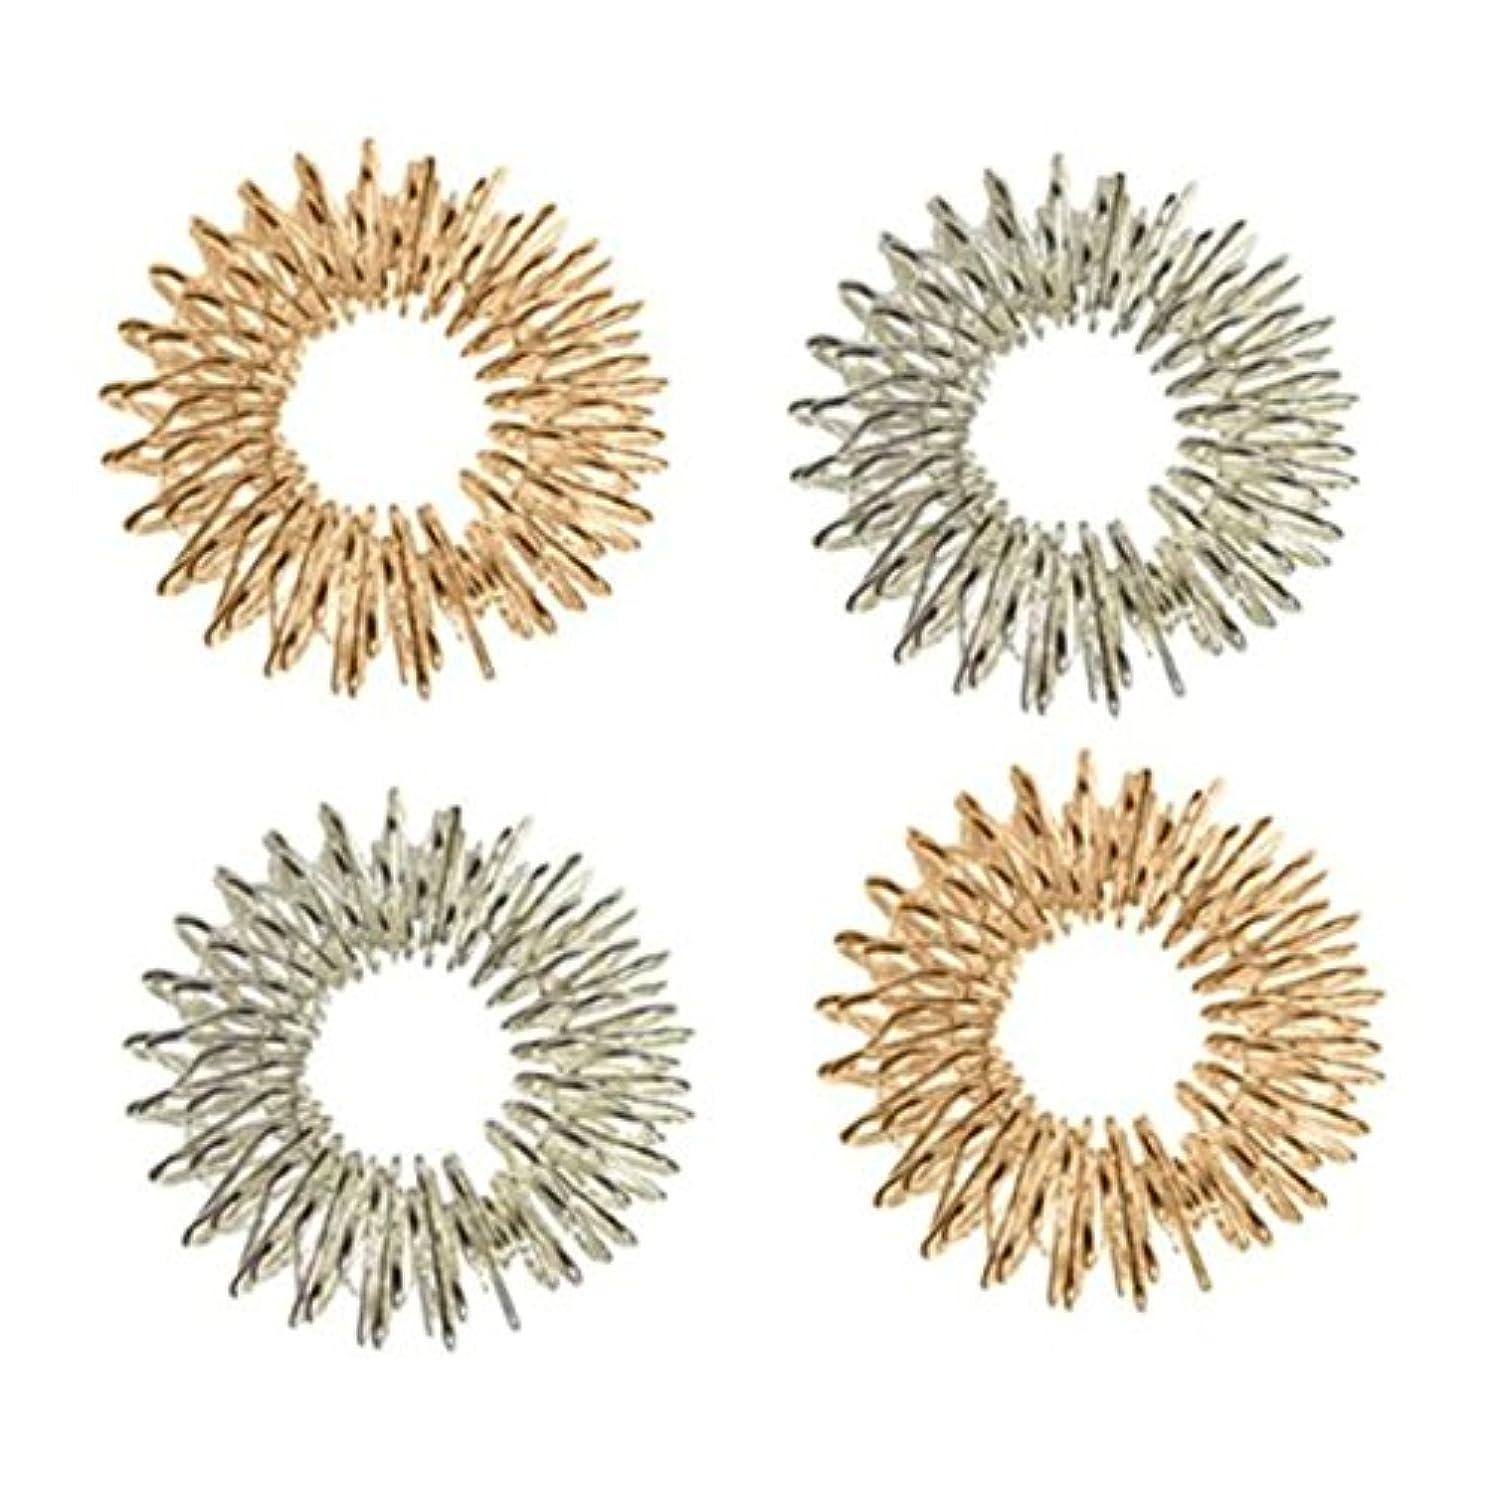 内部市の花レールHealifty 4本指圧マッサージリング指の循環リング子供のための十代の若者たちの大人(シルバー+ゴールデン)